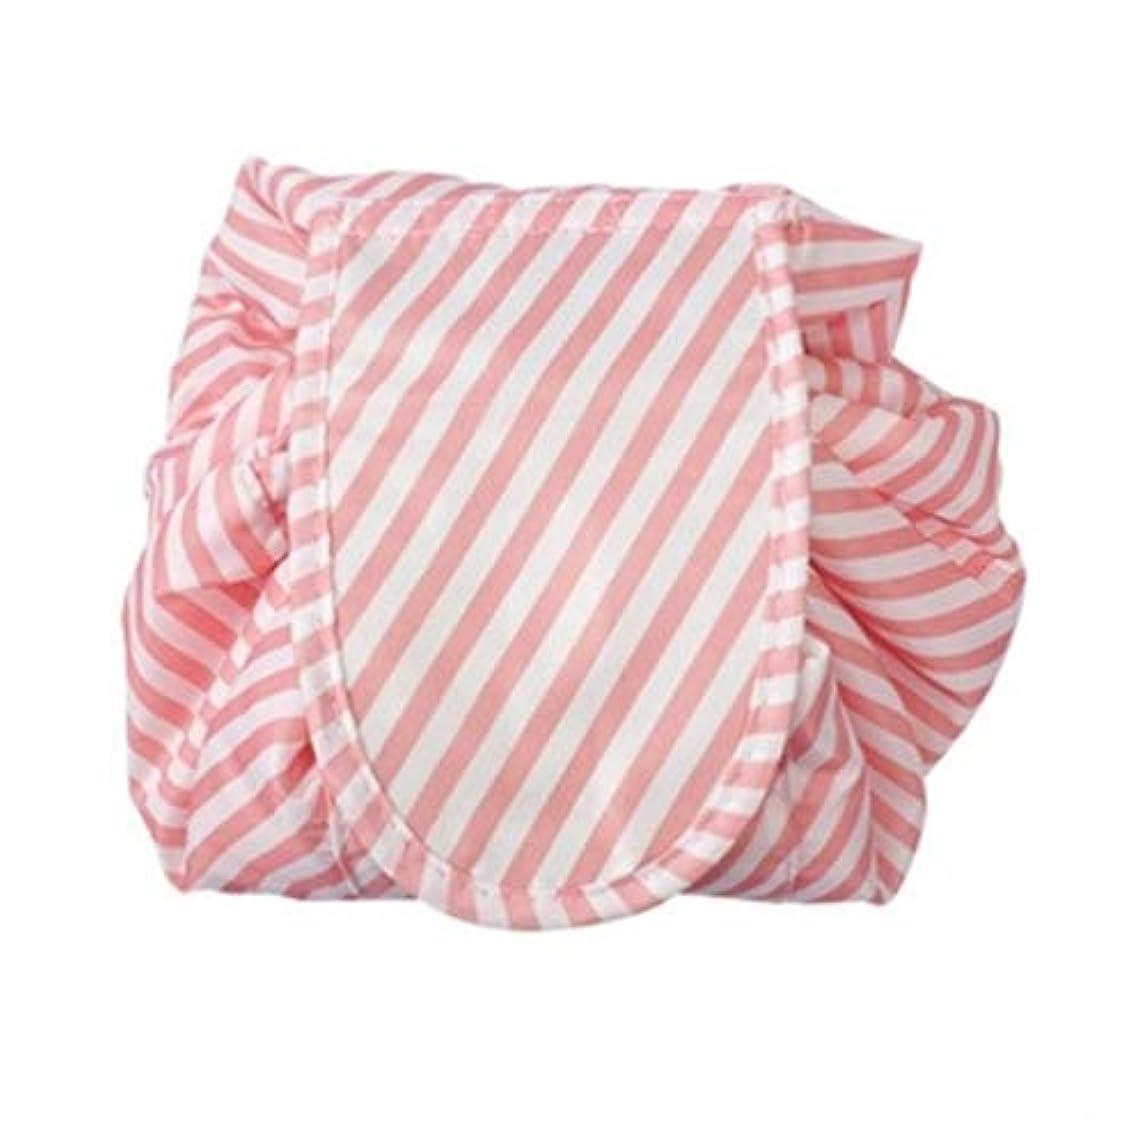 複雑苦行まさにメイクポーチ 怠け者化粧品ポーチ ドローストリング化粧品ポーチ 収納バッグ シンプル携帯便利化粧品バッグ 化粧品収納バッグ (ピンク)